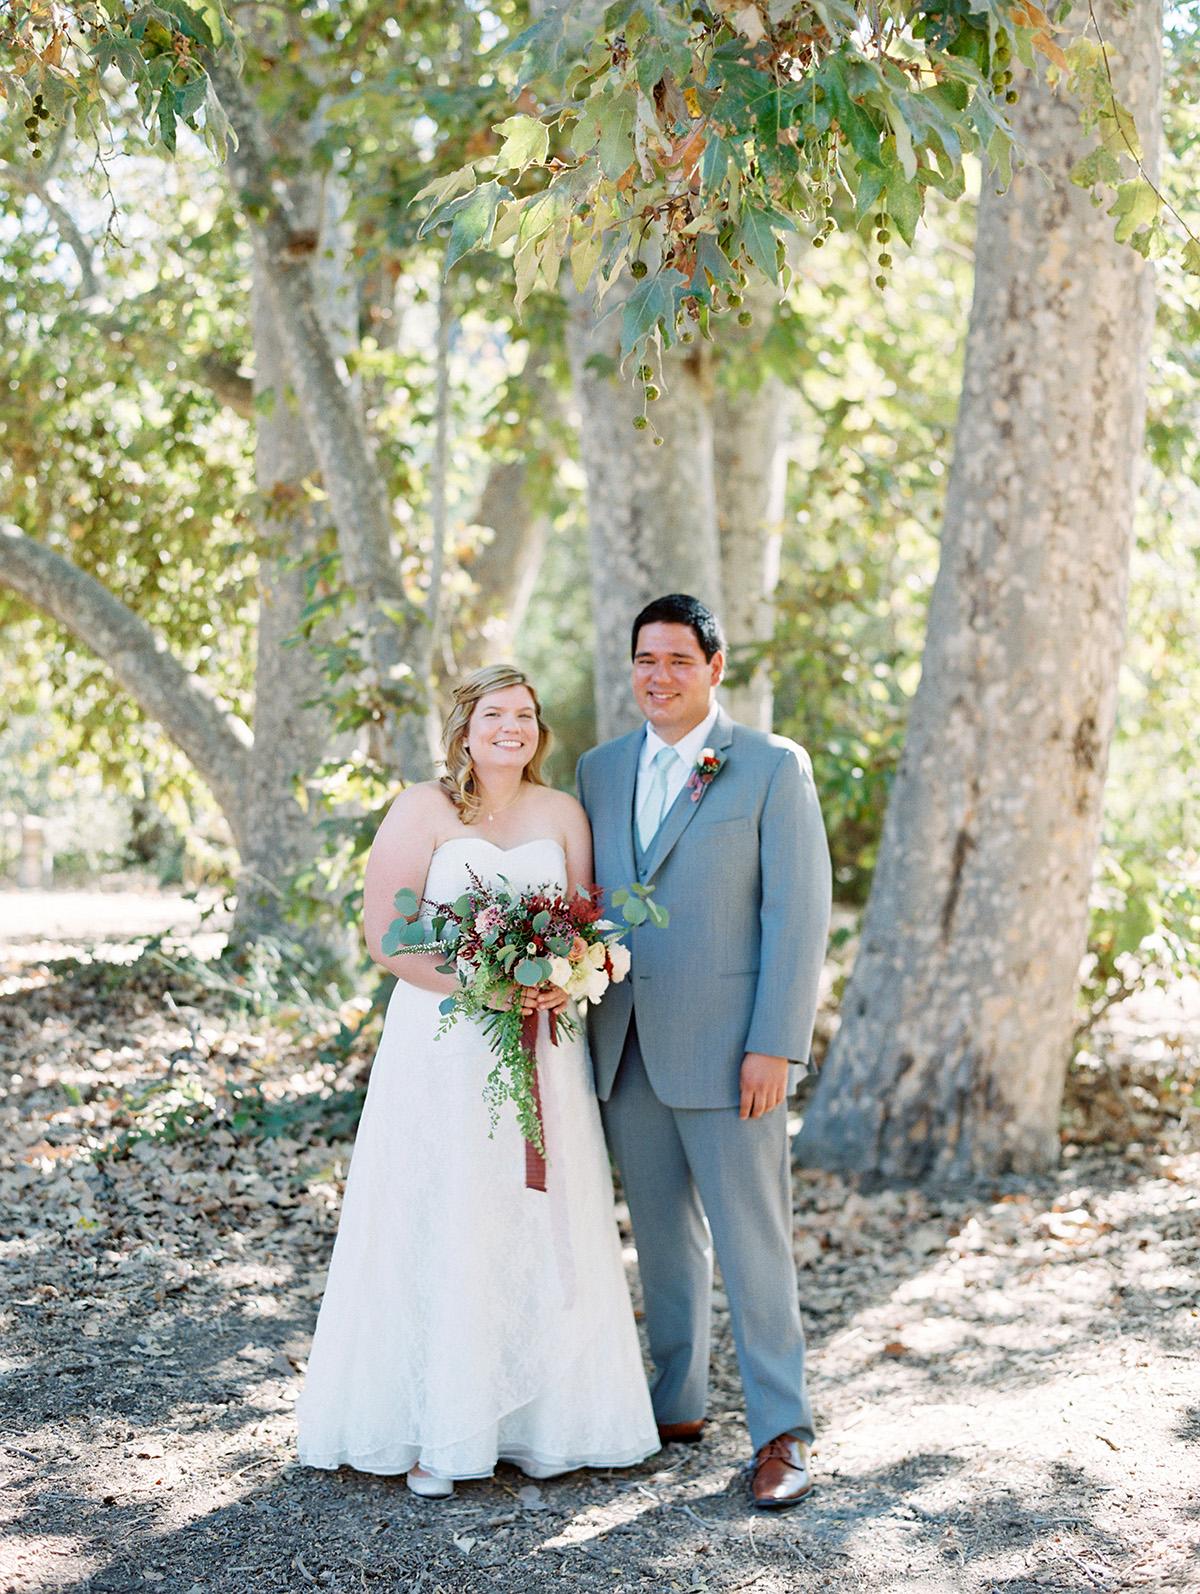 Doug & Katharine wedding Photo in Ojai, CA 2017 www.YitEntertainment.com